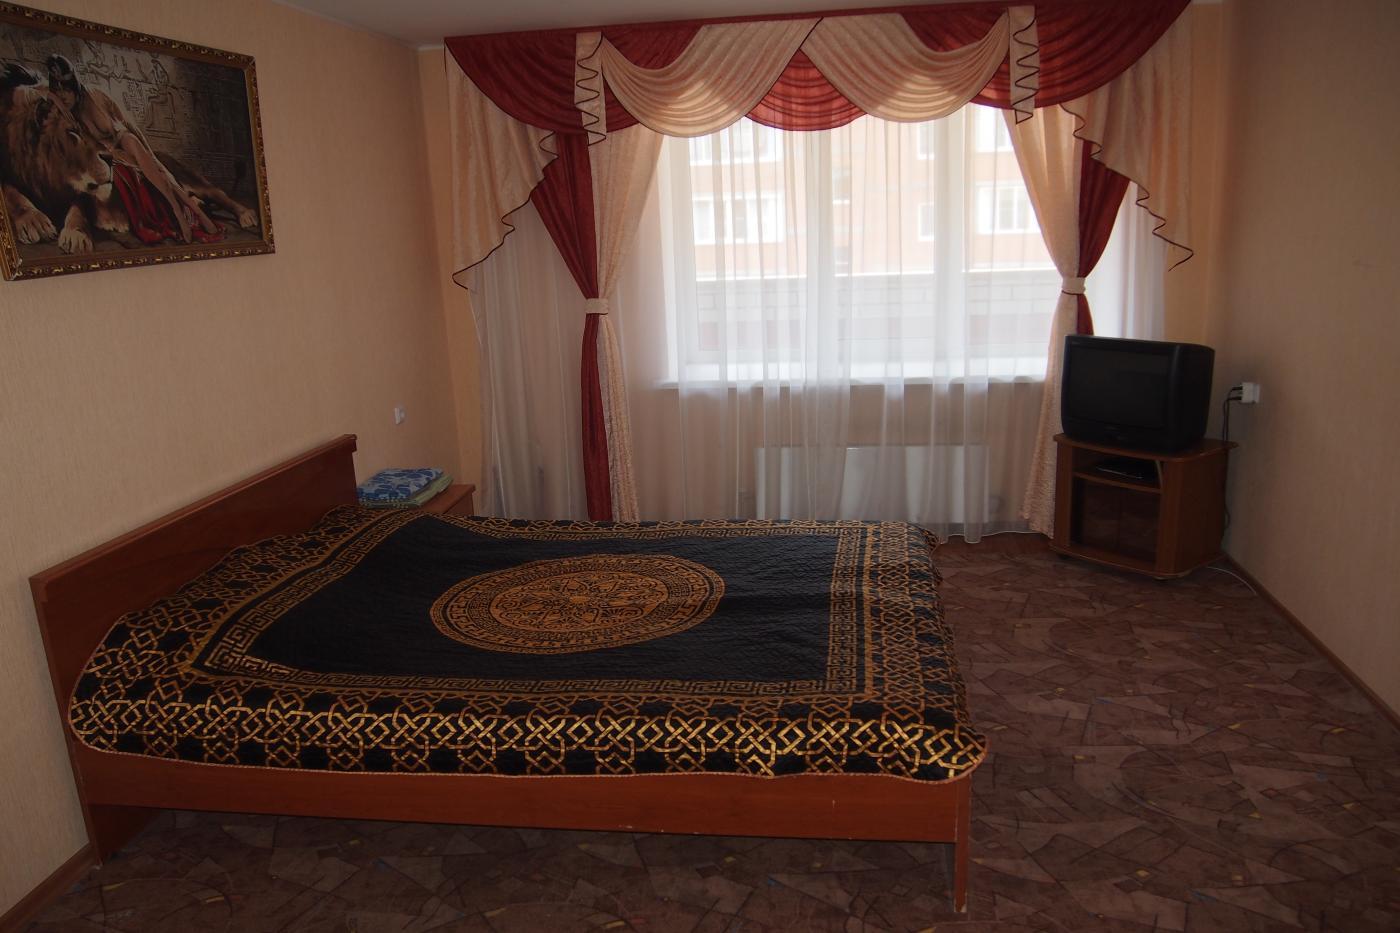 1-комнатная квартира посуточно (вариант № 3904), ул. Владимира Невского улица, фото № 2